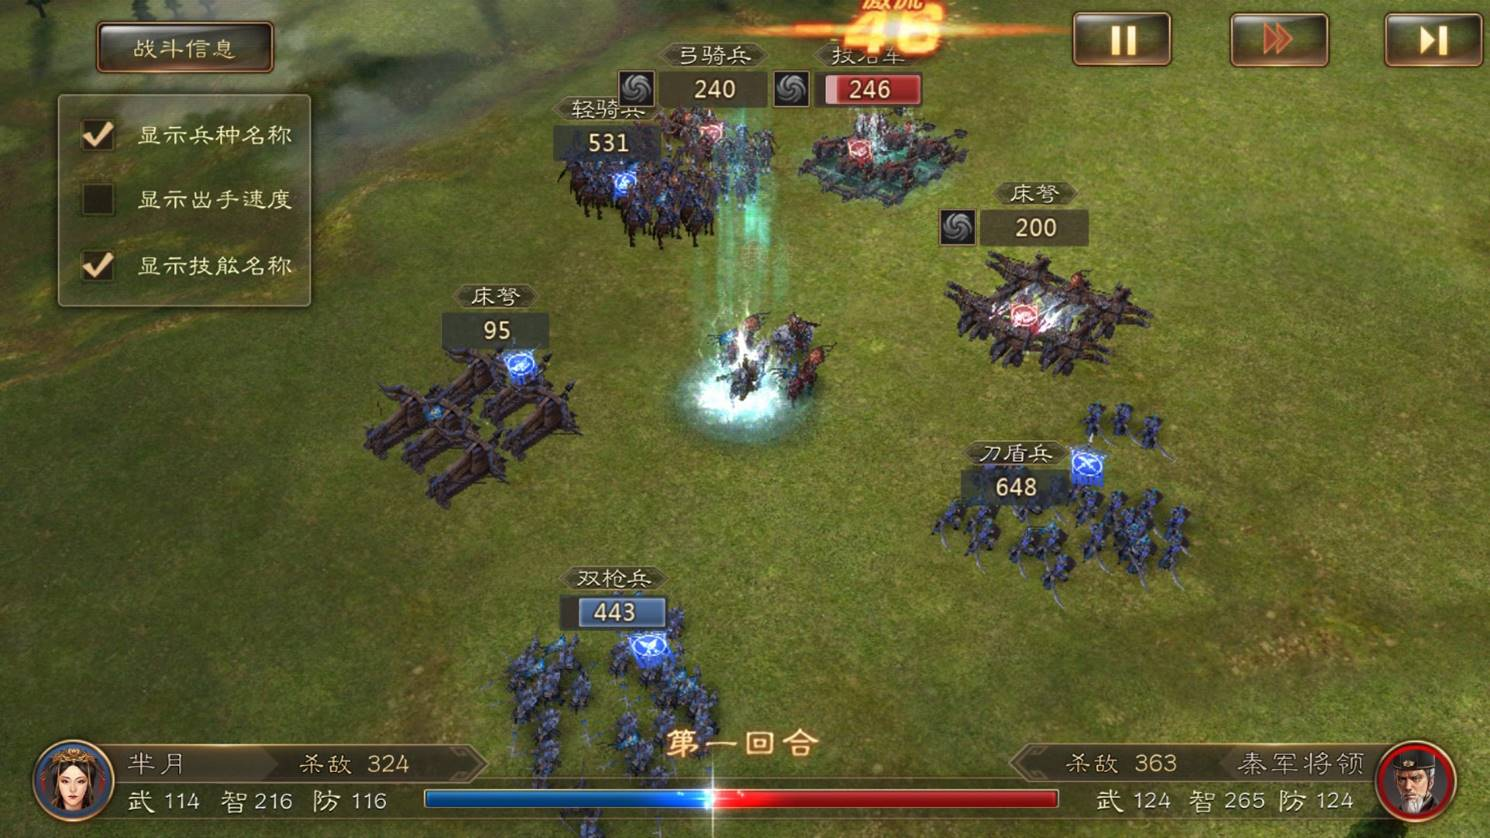 Cả tướng và lính trong Long Đồ Bá Nghiệp đều khắc chế lẫn nhau, người chơi cần sắp xếp đội hình hợp lý để tận dụng tối đa lợi thế bản thân, đánh vào yếu điểm đối thủ